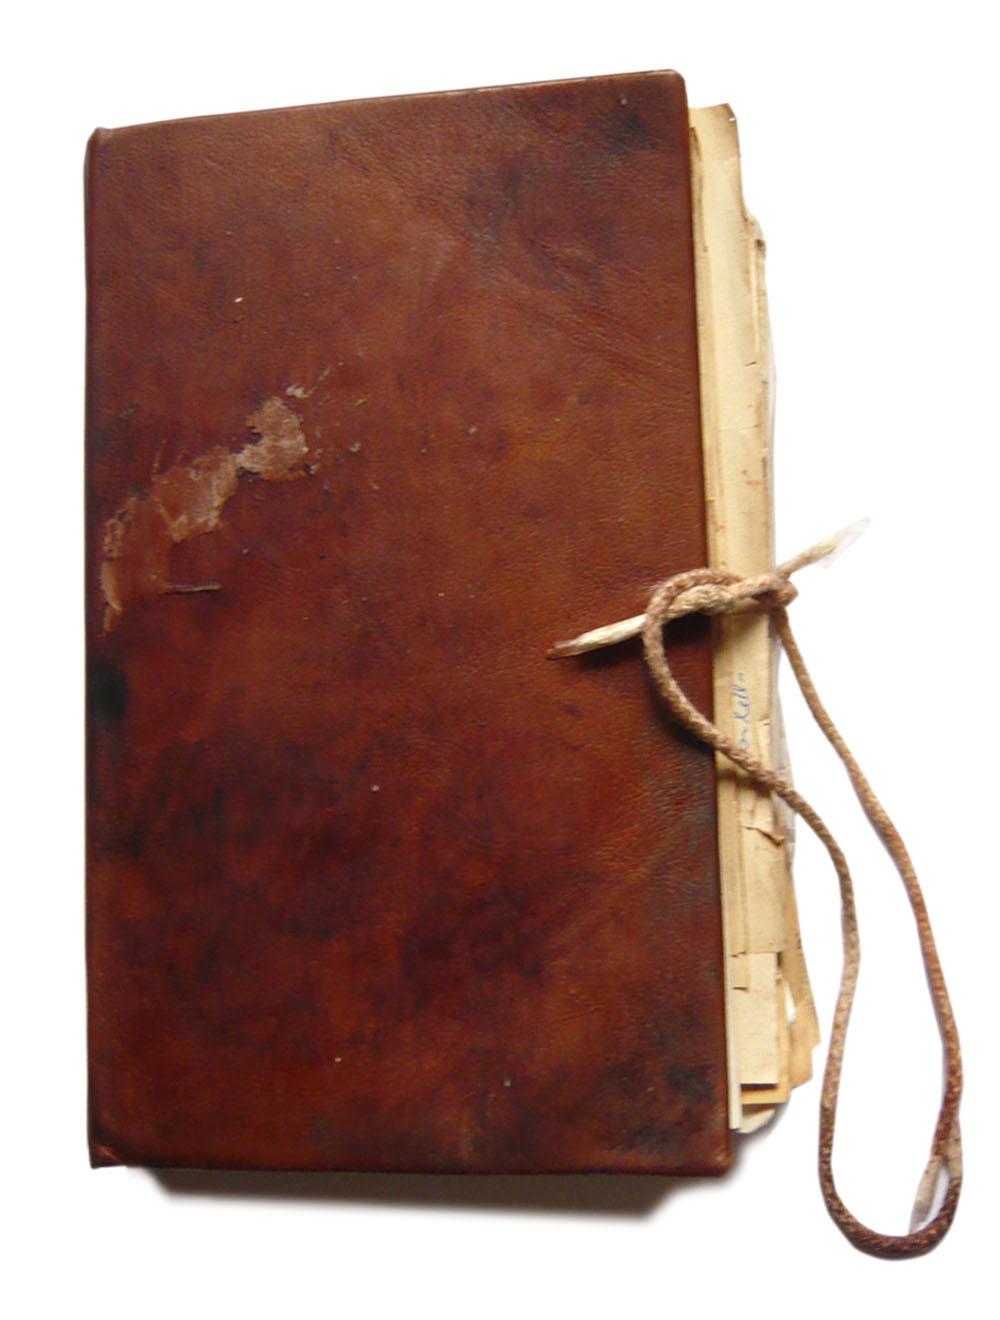 Spezialrequisite // Tagebuch Stasi-Knast / Umschlag patiniert